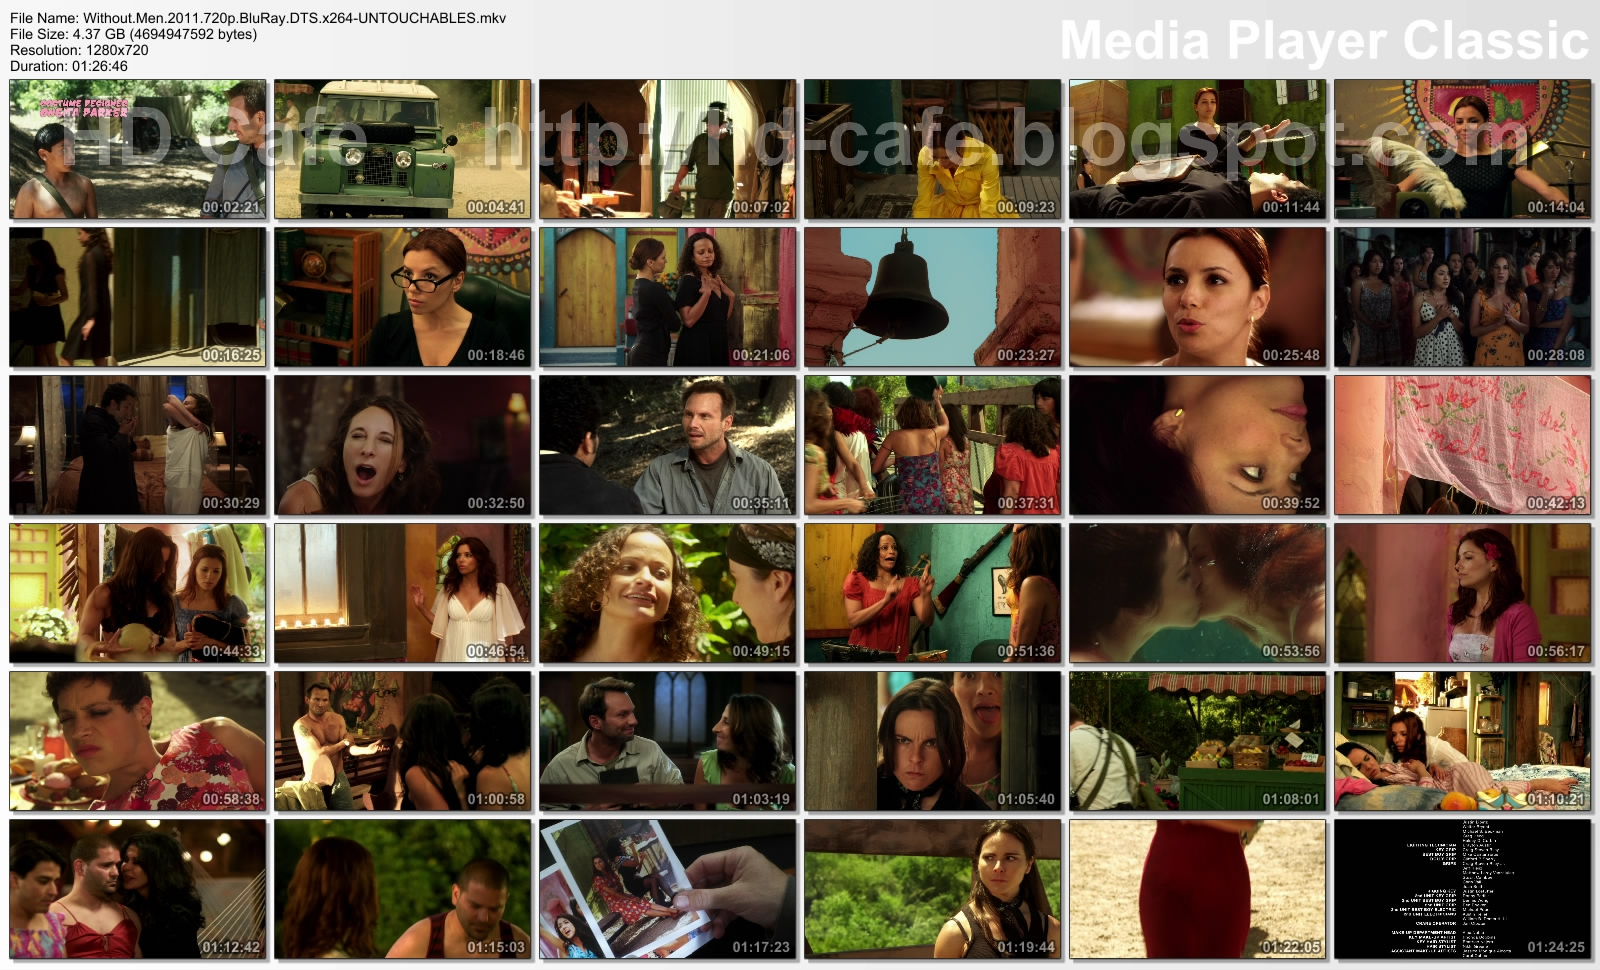 http://2.bp.blogspot.com/-OLlOiYZ58fg/Tso8h6oG4HI/AAAAAAAACAw/qP3Cc0CGpiU/s1600/Without-Men-2011-thumbs.jpg